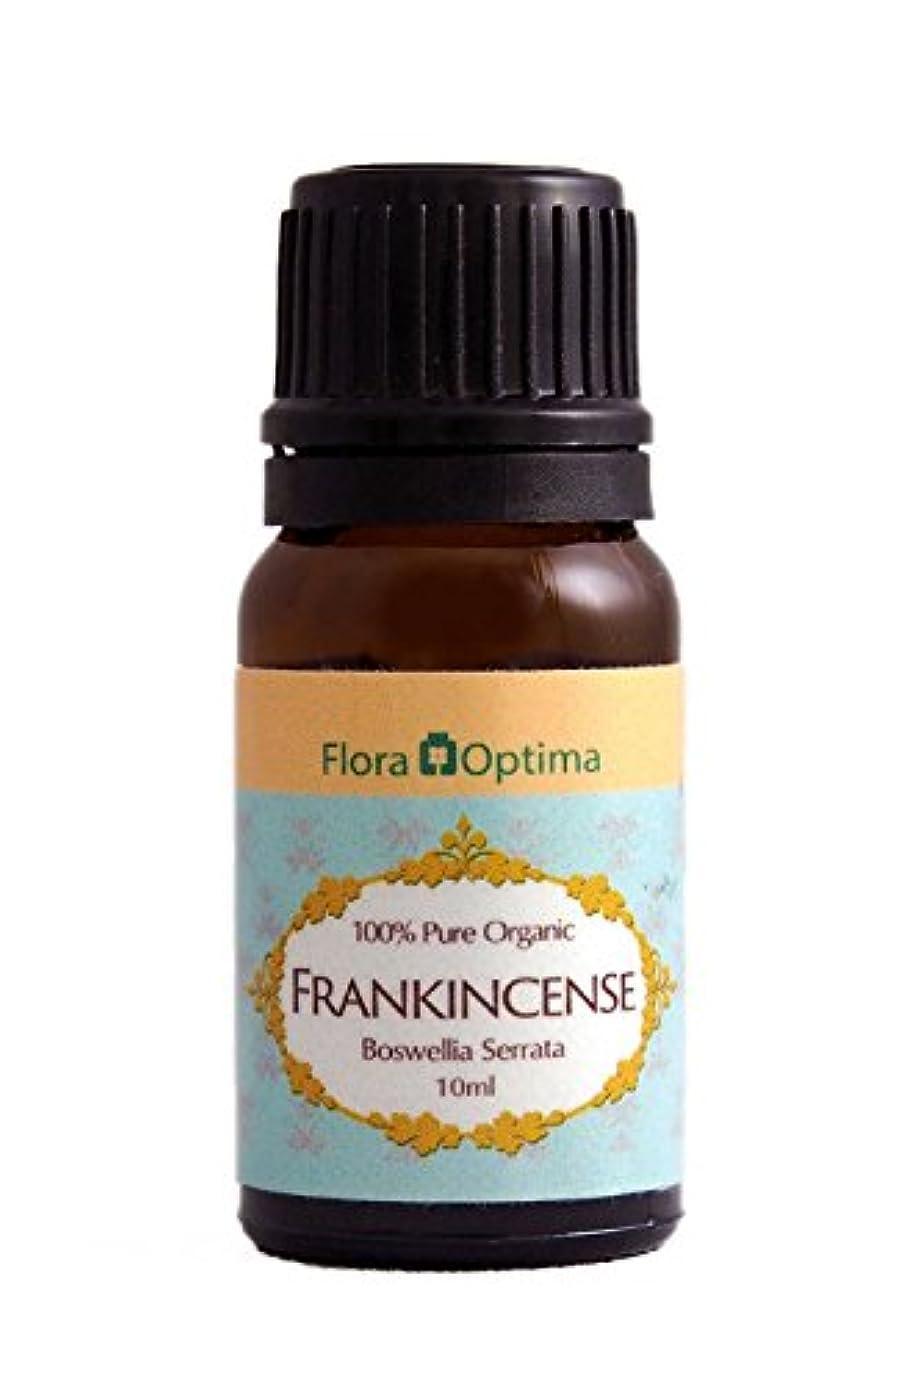 申込みヒゲクジラ適切なオーガニック?フランキンセンスオイル(Frankincense Oil) - 10ml -